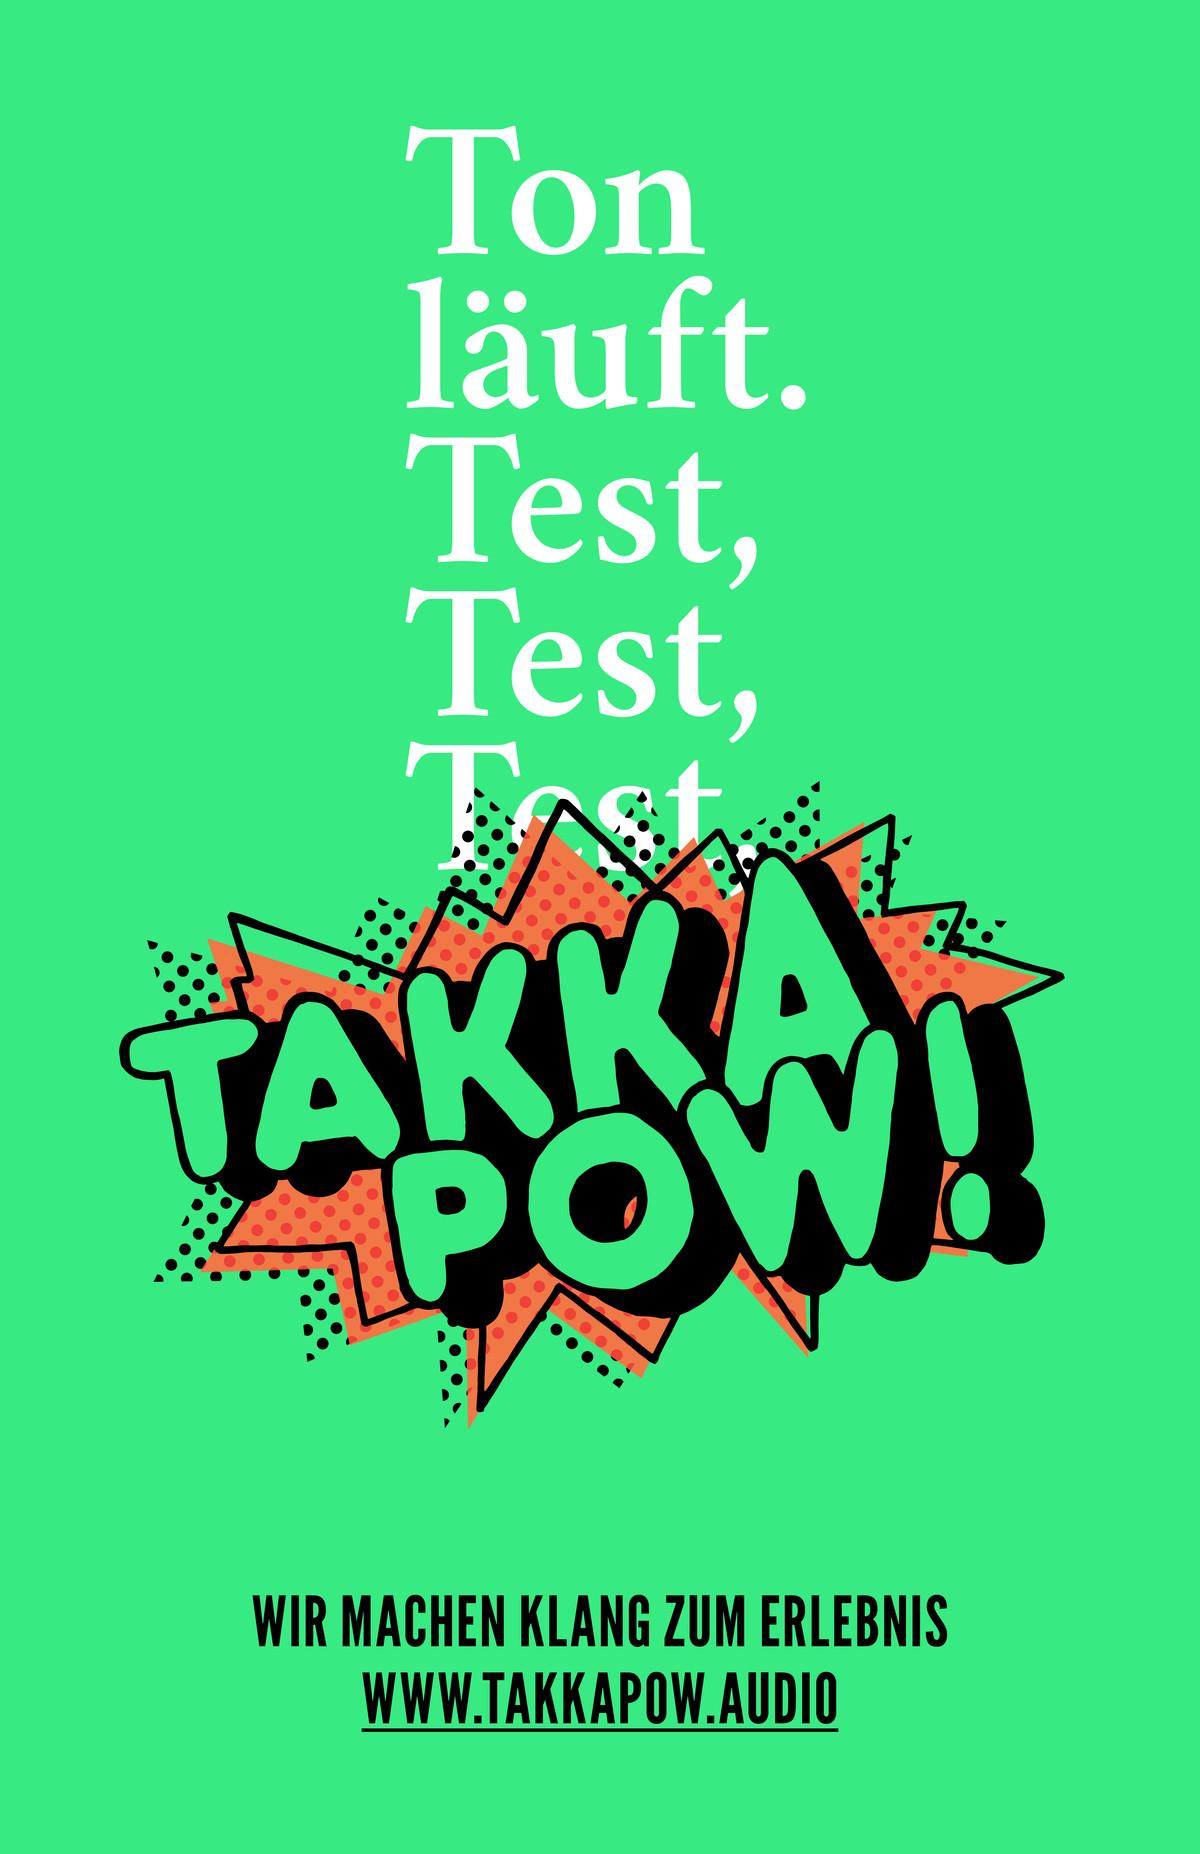 takkapow-text-07.jpg